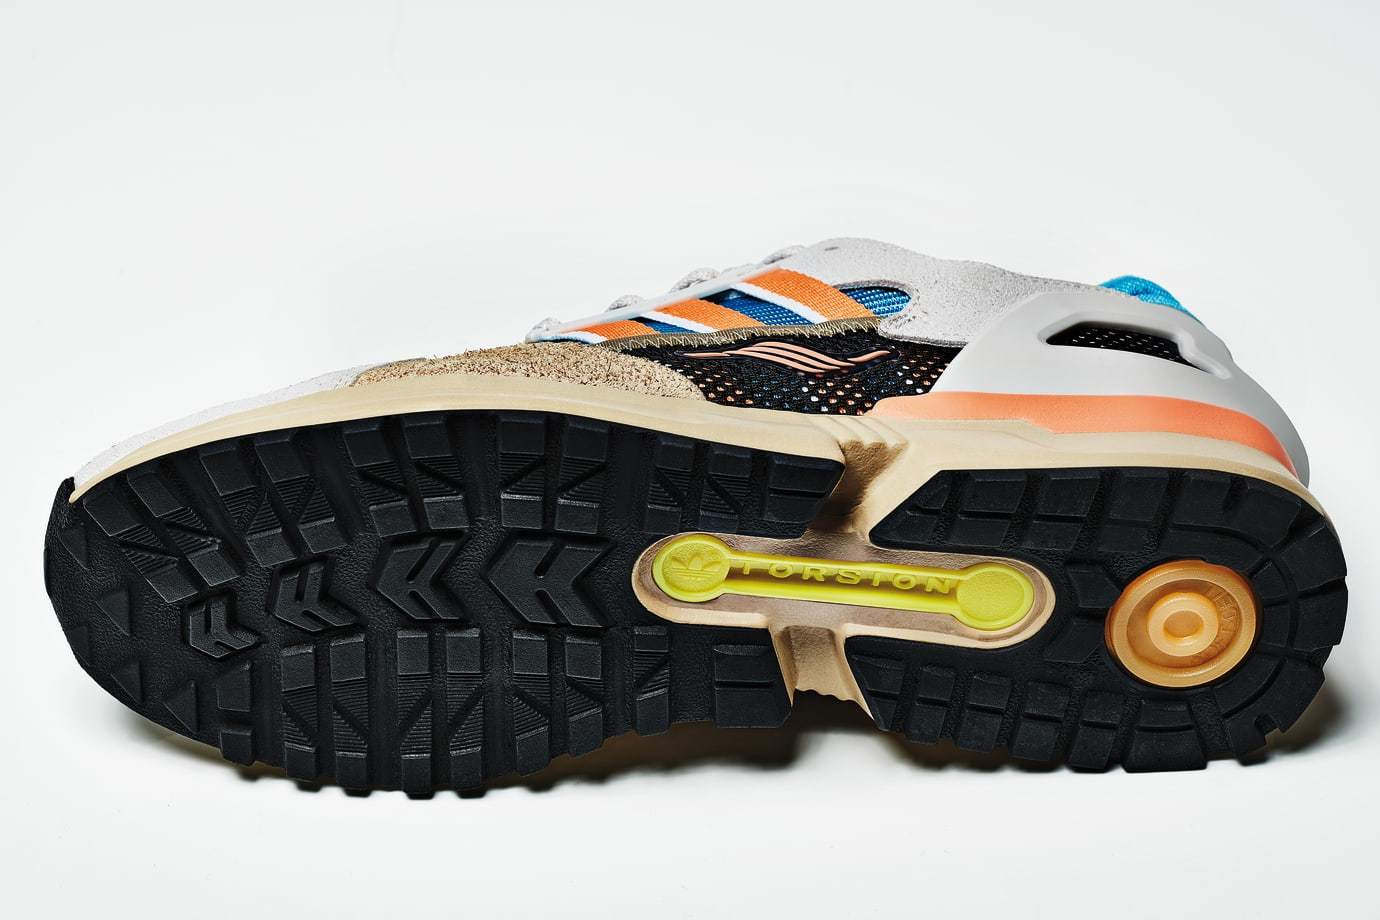 adidas blaast ZX serie nieuw leven in met Consortium ZX